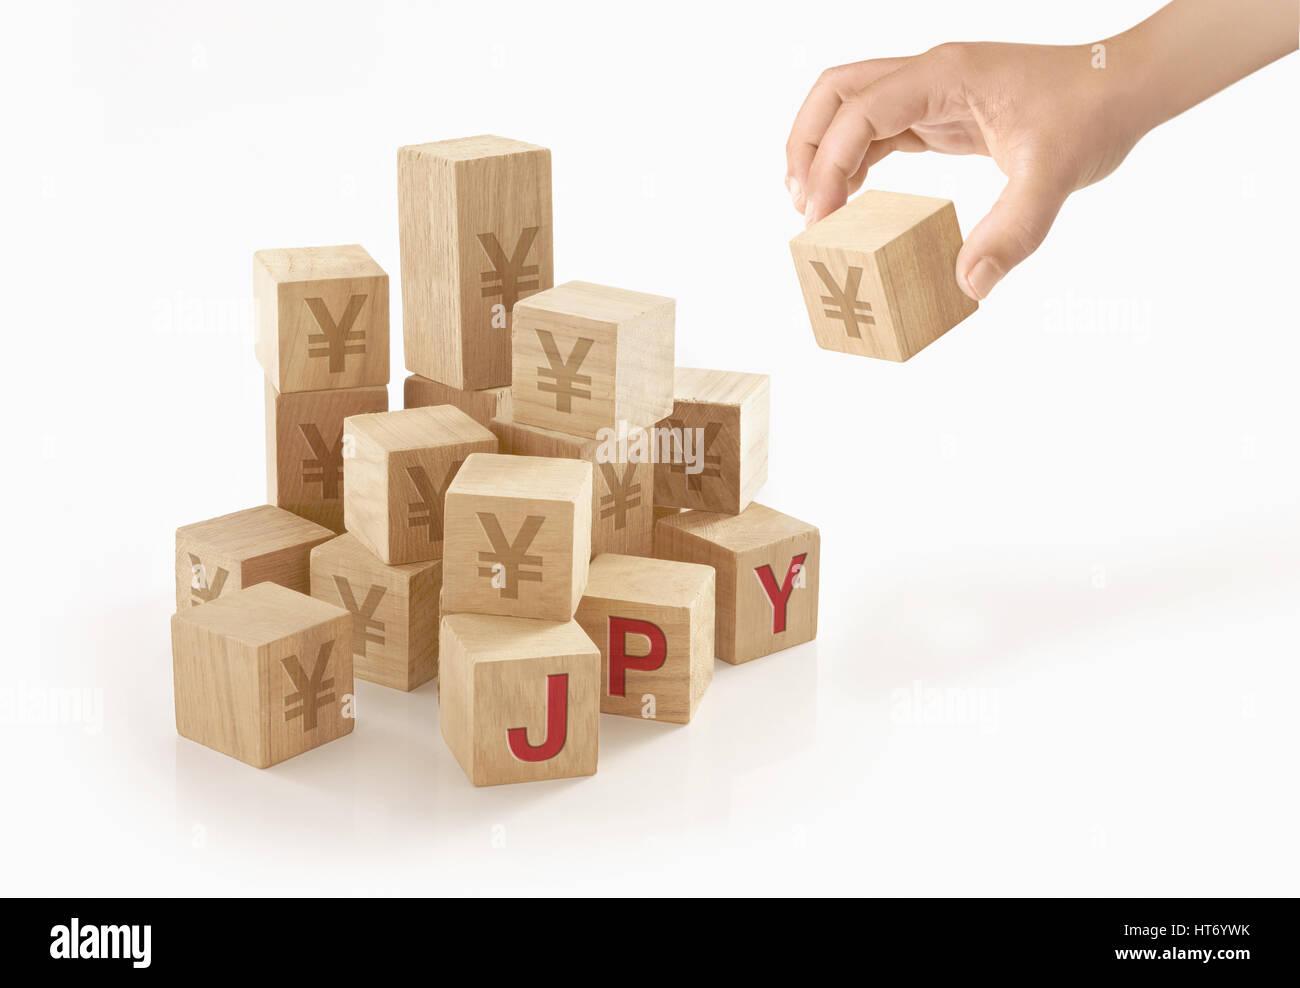 Japanese yen money concept on isolated background. - Stock Image